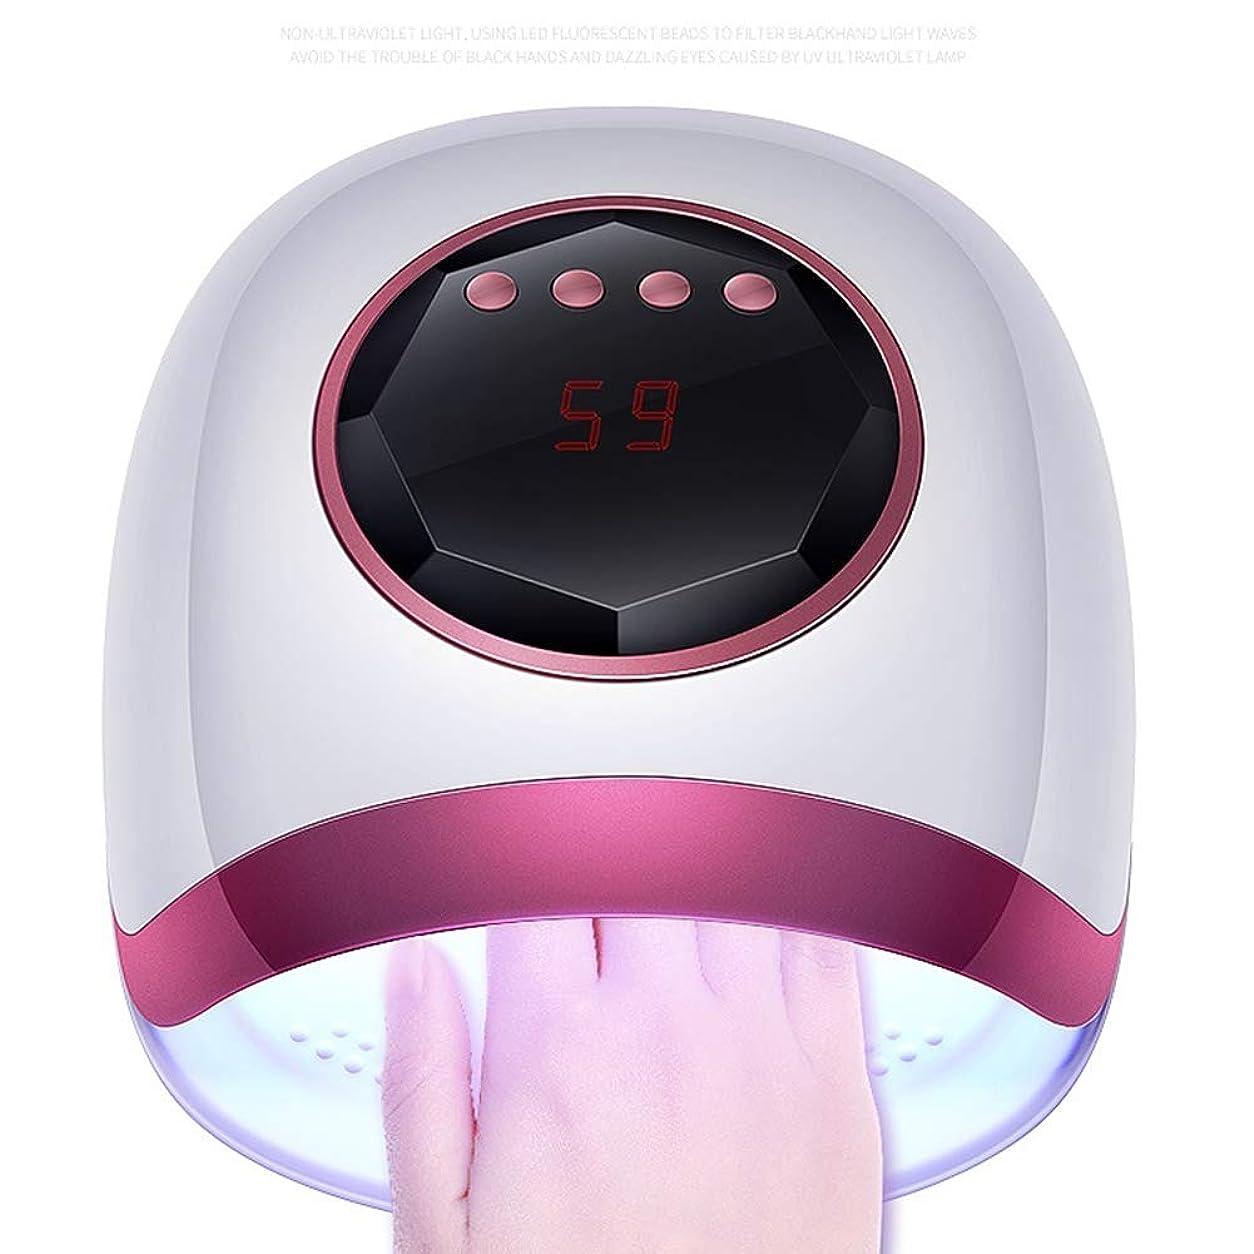 先のことを考える姿を消すヒールセンサーが付いているゲルの72W の治癒ランプのための LED の紫外線釘ランプ4つのタイマーのつま先の釘の治癒、大広間および家のため (白)